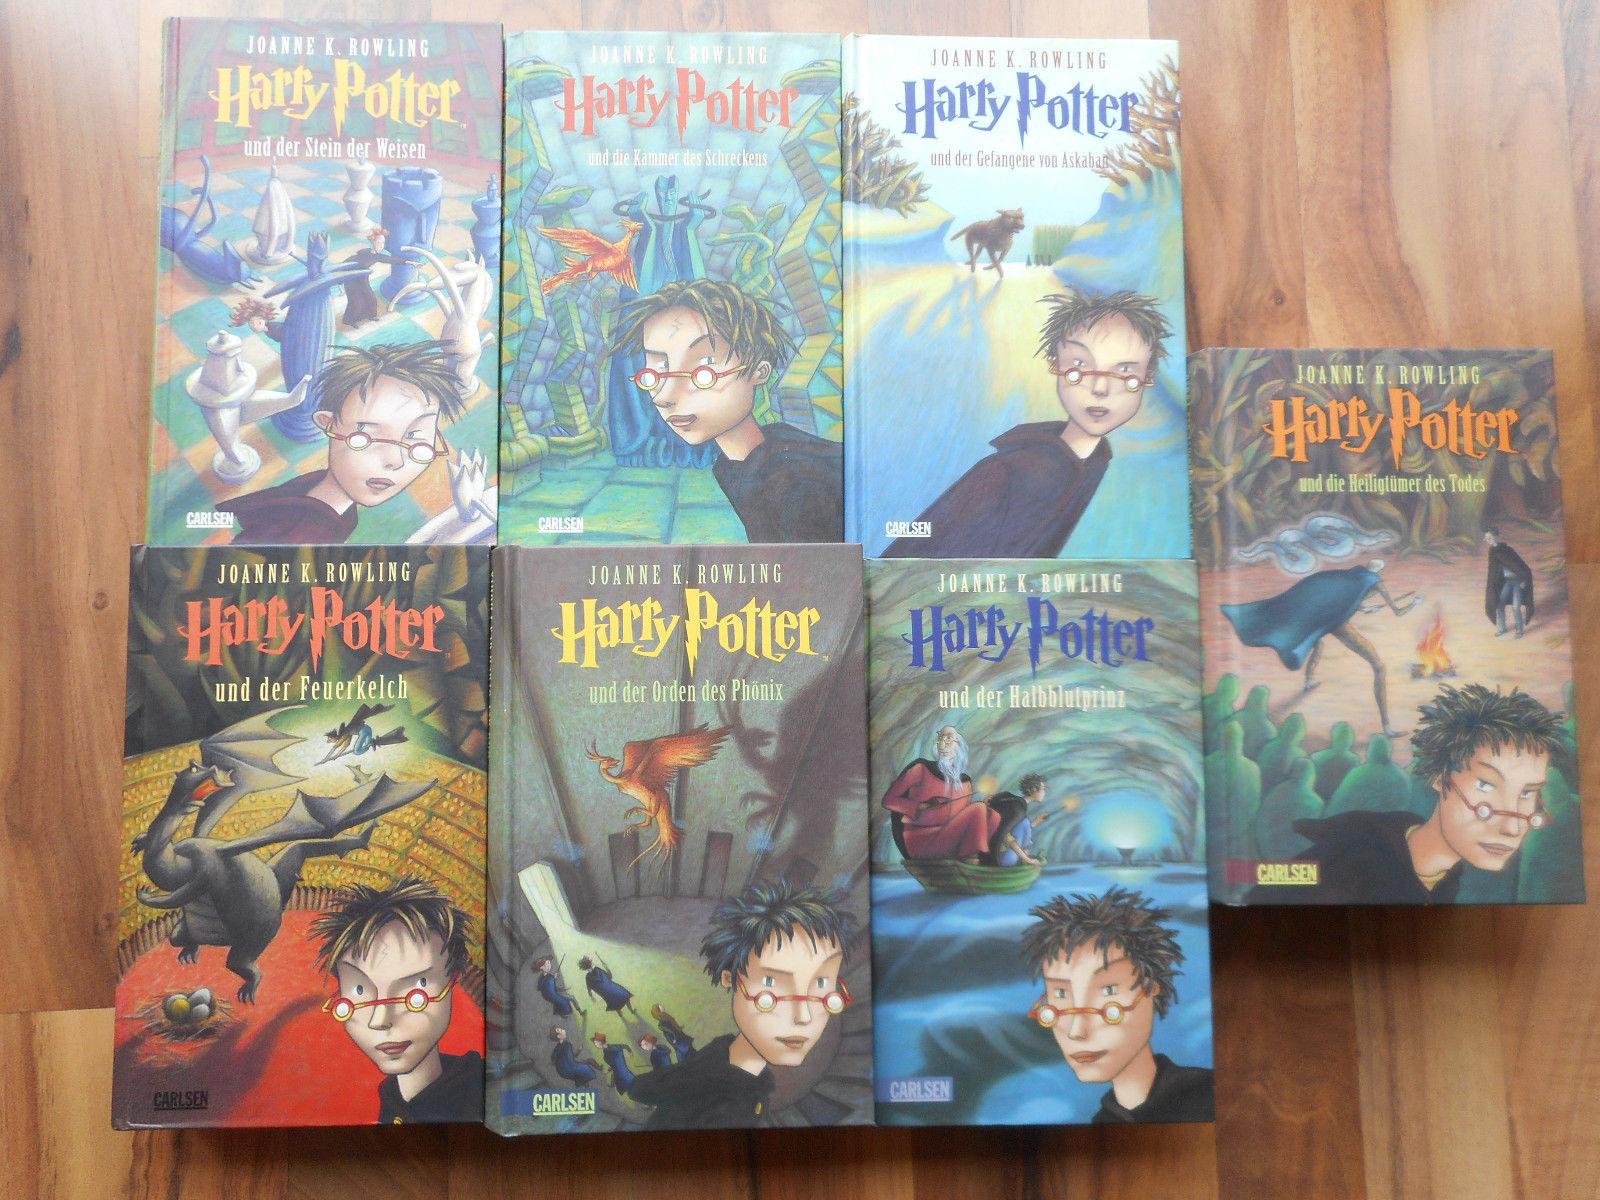 Harry Potter Bücherpaket mit allen 7 Fantasy-Romanen, Deutsch, guter Zustand